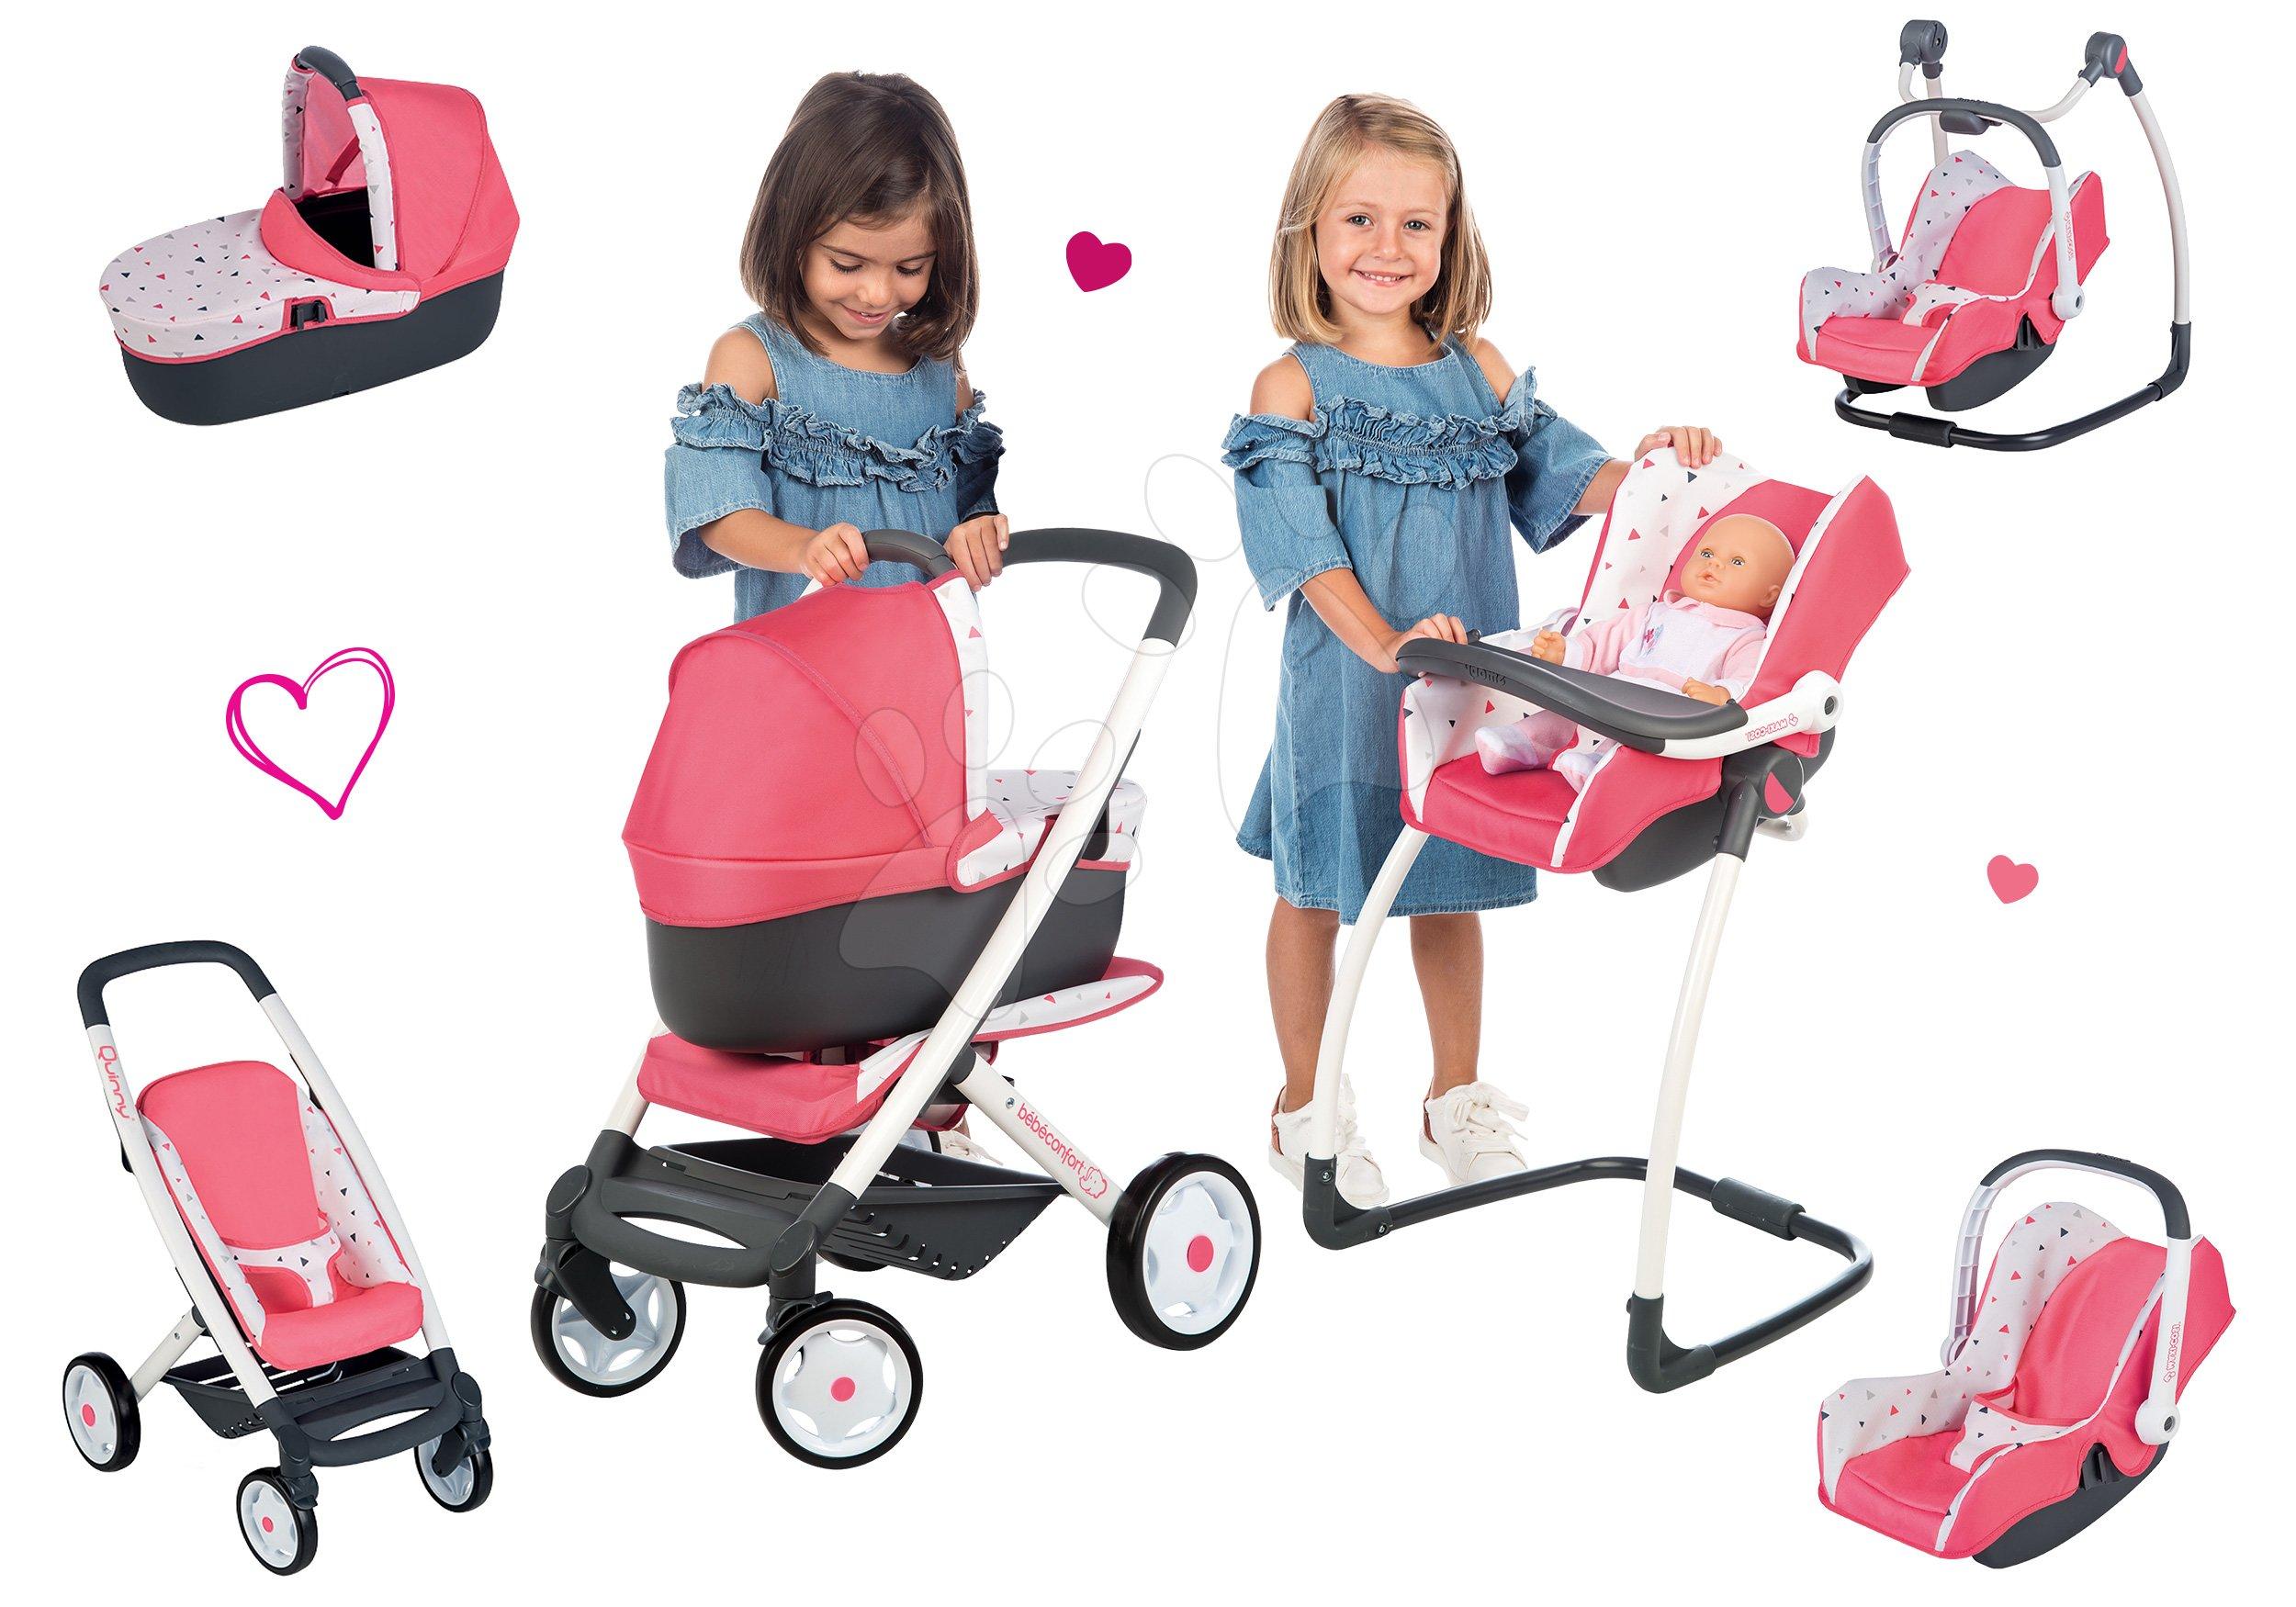 Smoby set kočík Trio Pastel Maxi Cosi & Quinny Smoby 3v1 s nosítkom pre bábiku, stolička, autosedačka, hojdačka 253198-1